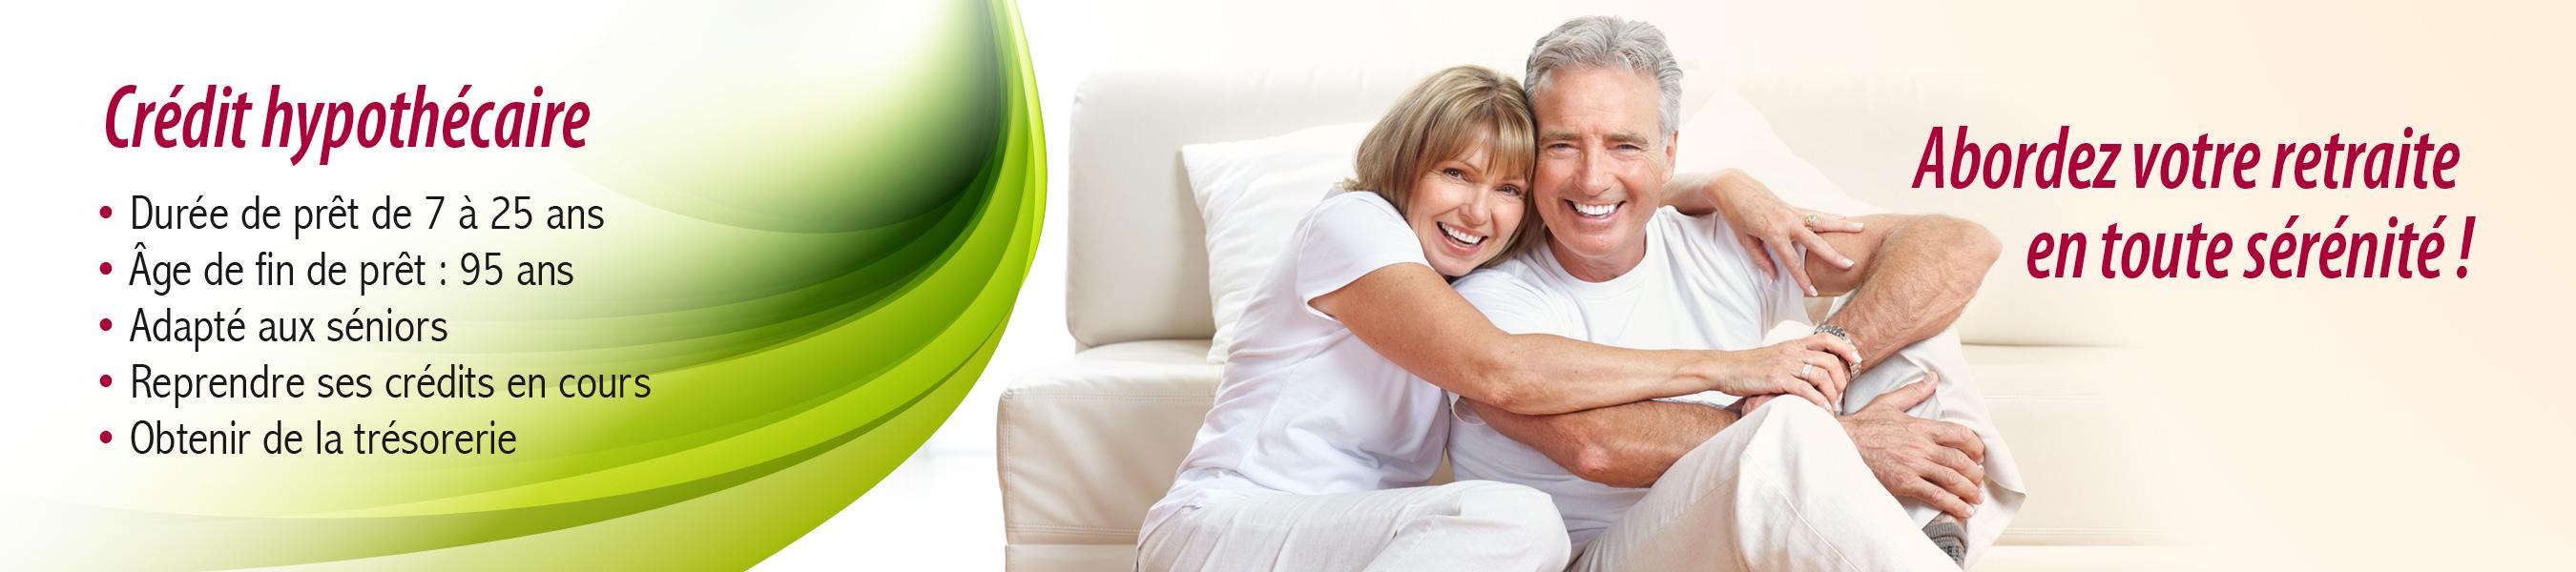 Solution spéciale séniors, le crédit hypothécaire vous permet d